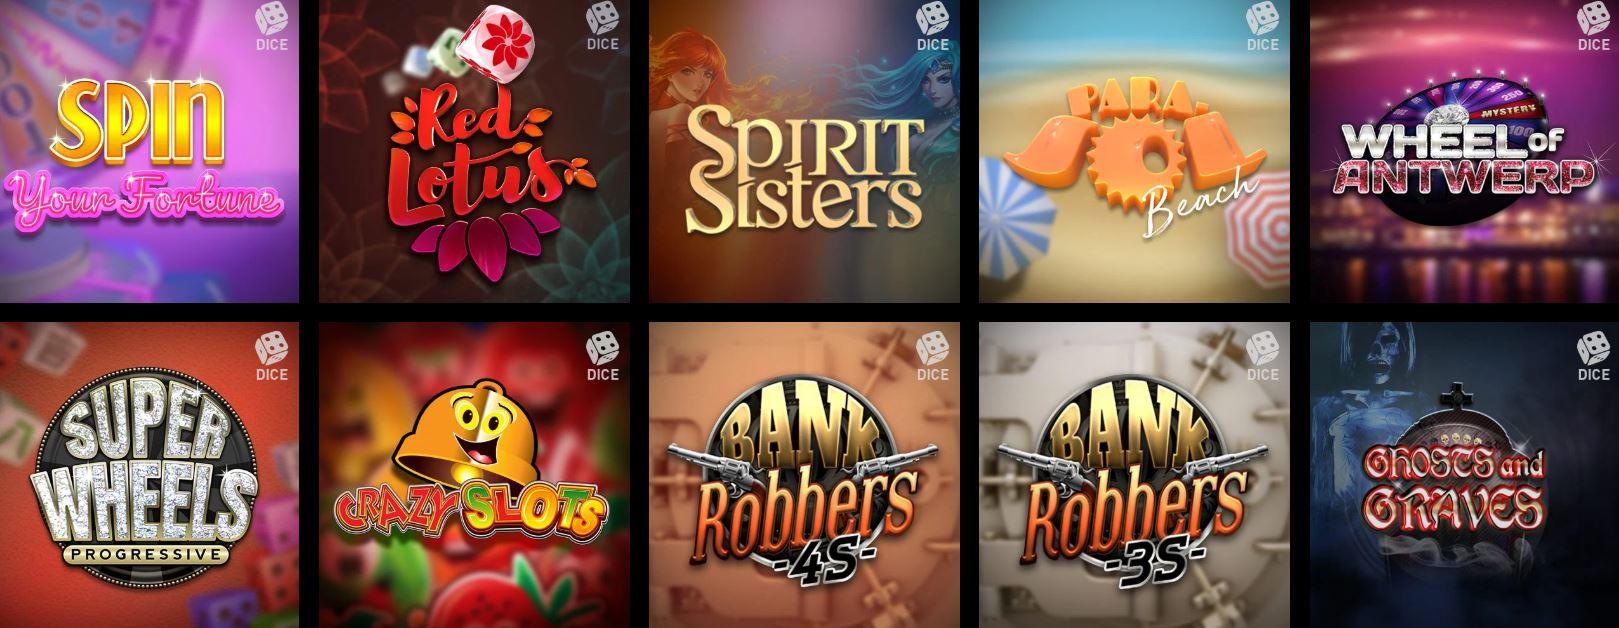 Los dados es uno de los juegos más populares de los casinos online.